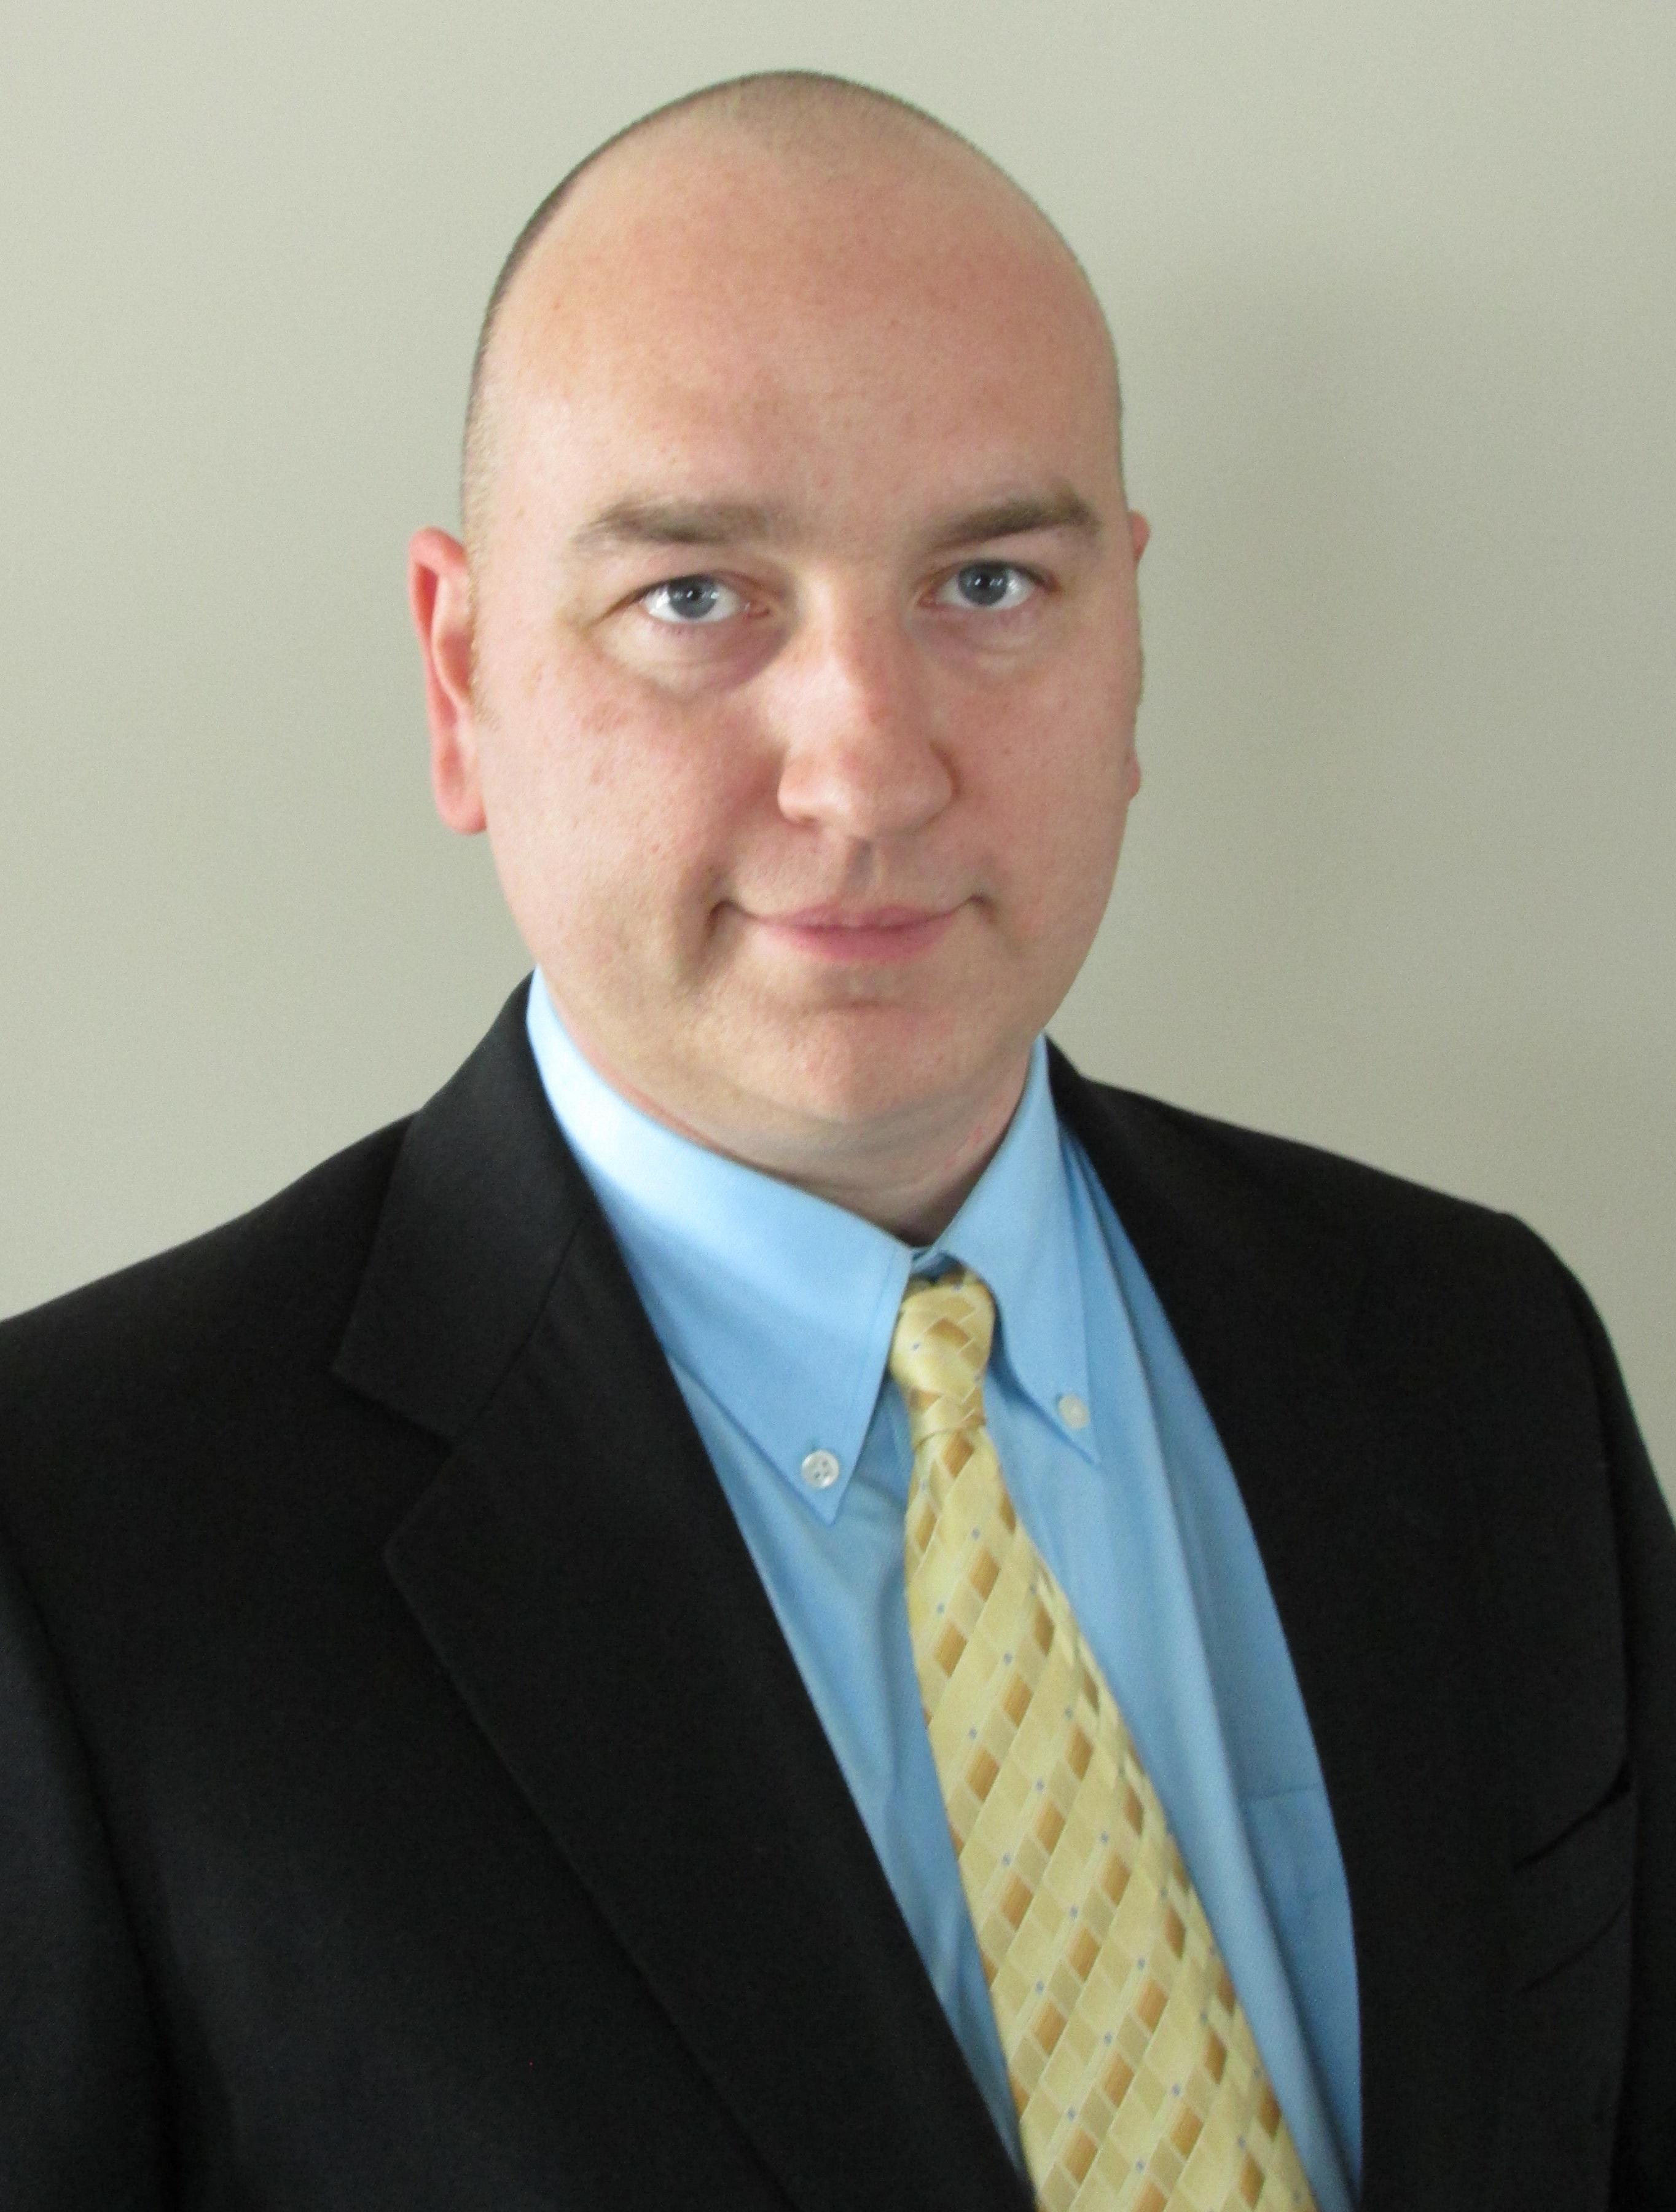 Peter Adamic